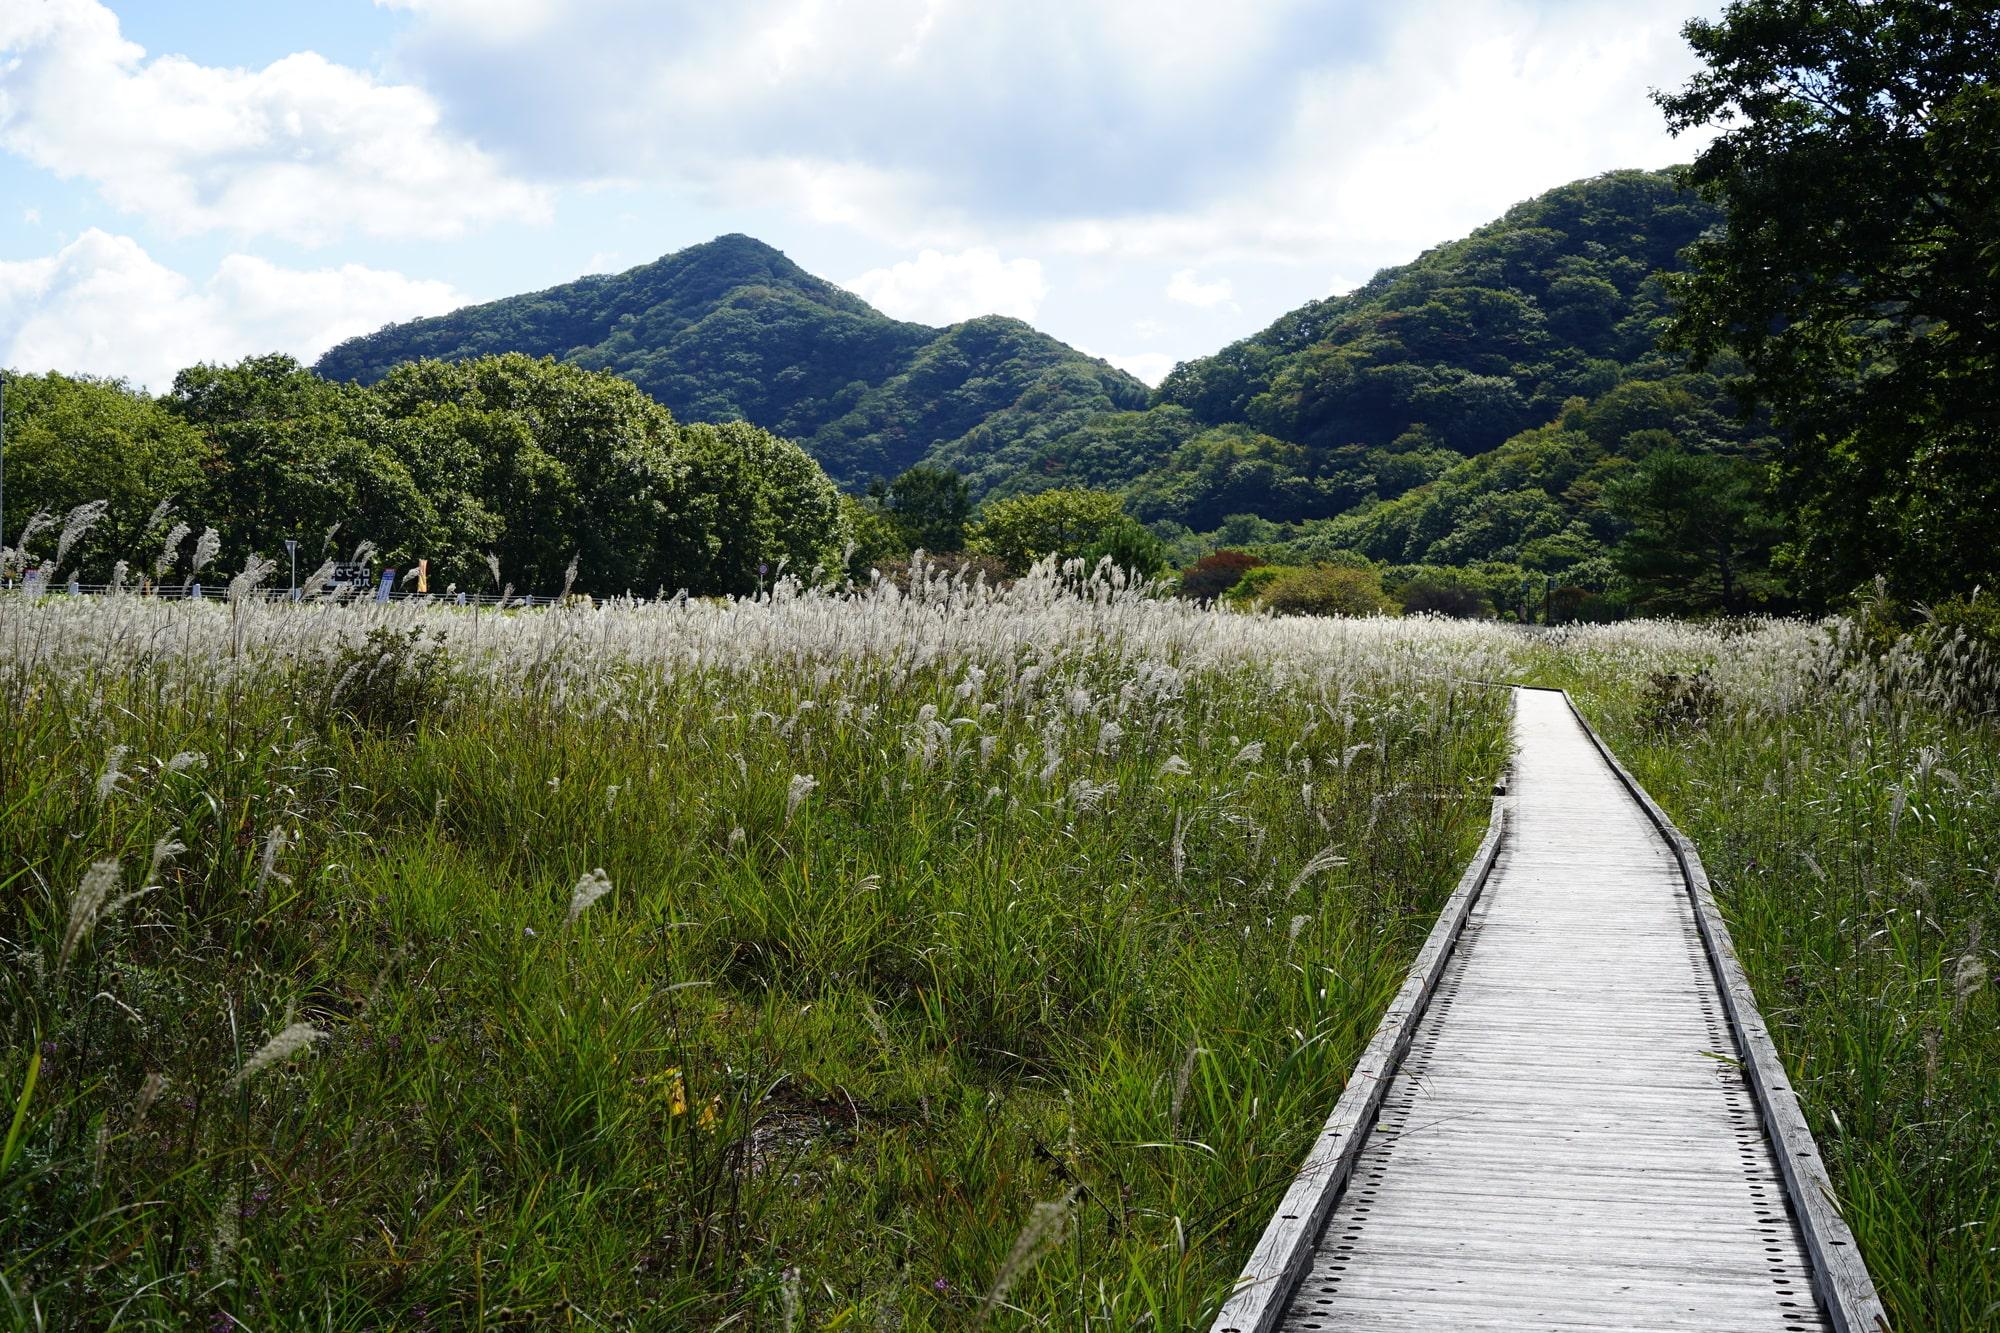 榛名山というのは、高崎市にある上毛三山の1つ